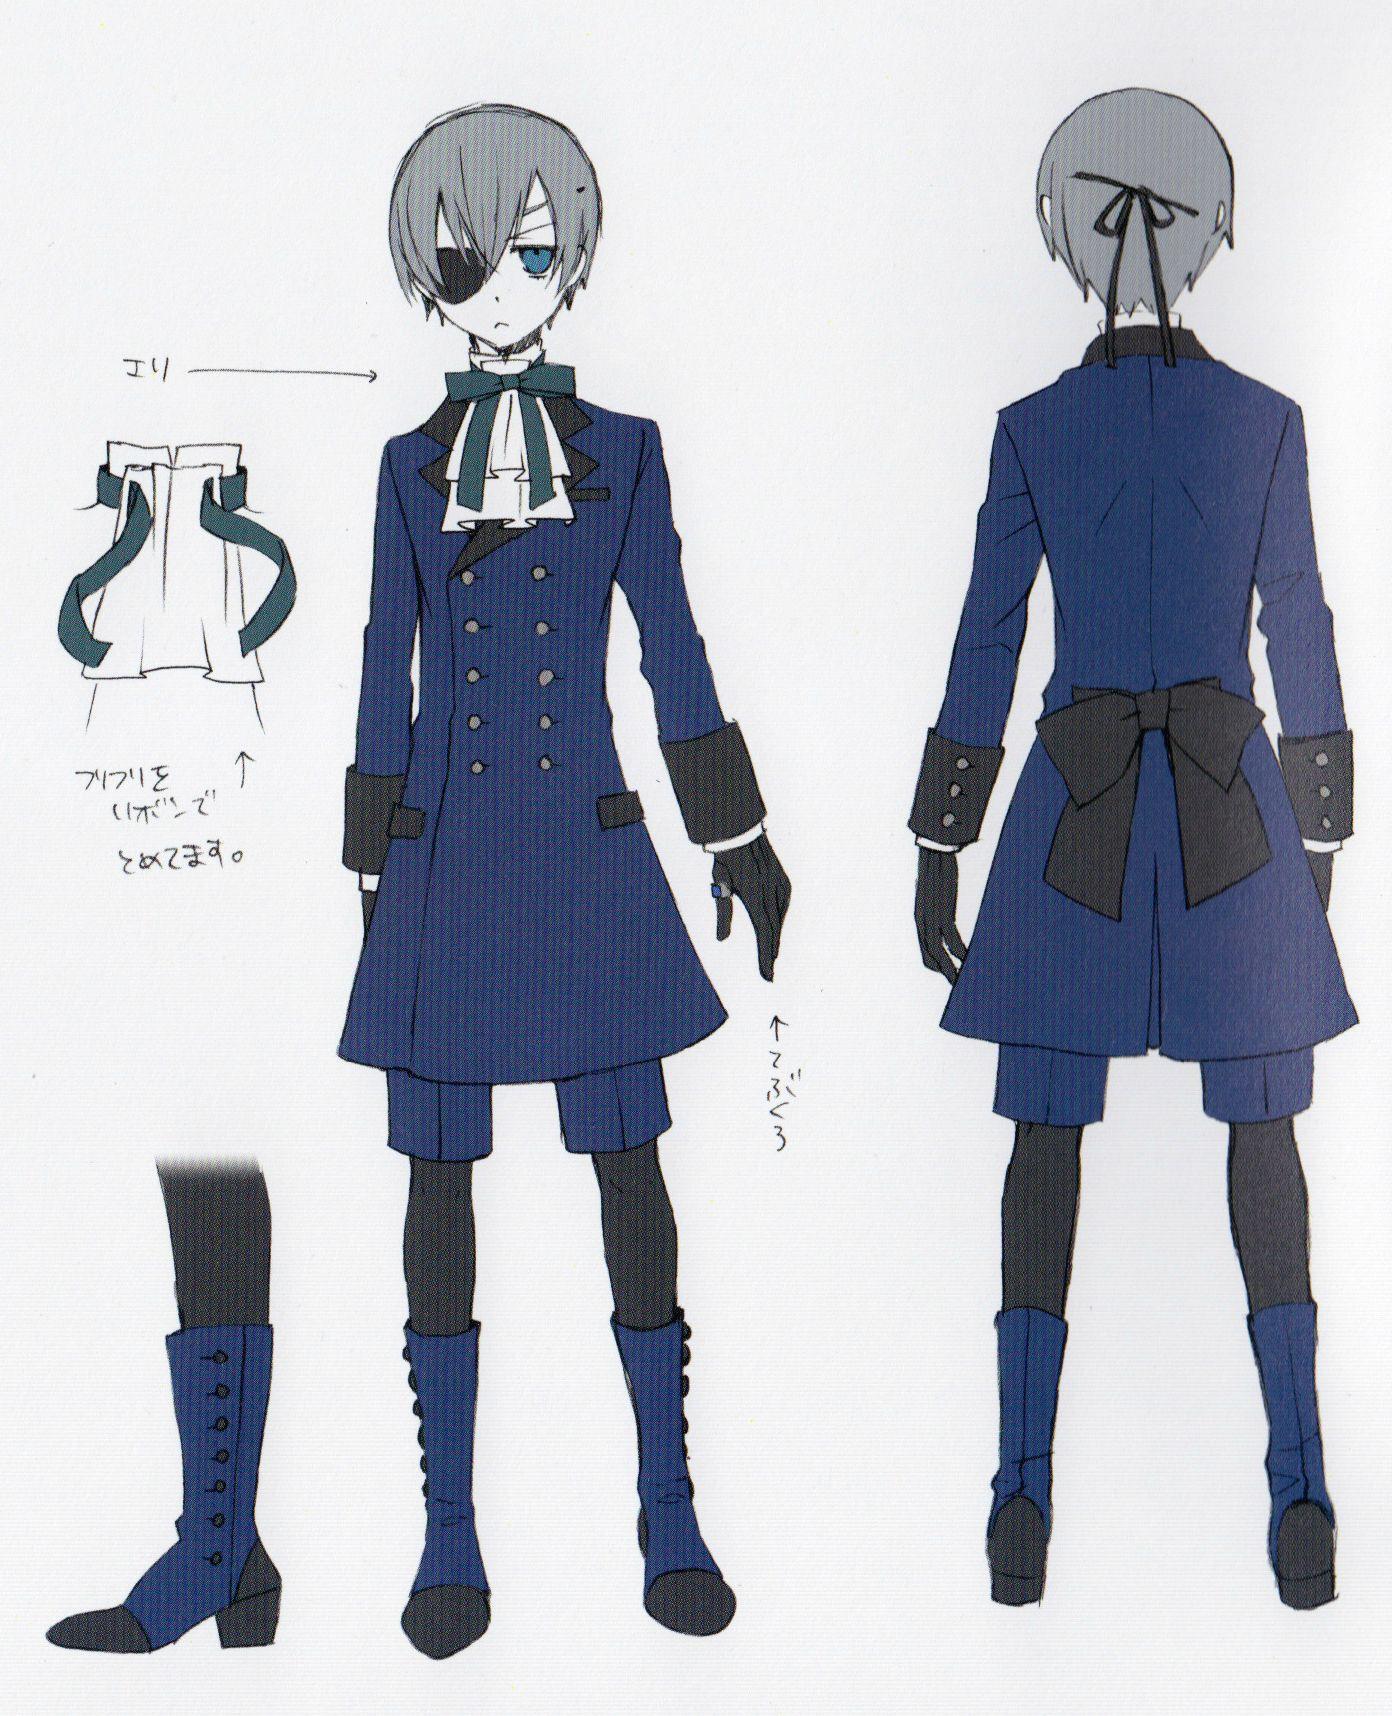 Pin on Kuroshitsuji/Black Butler